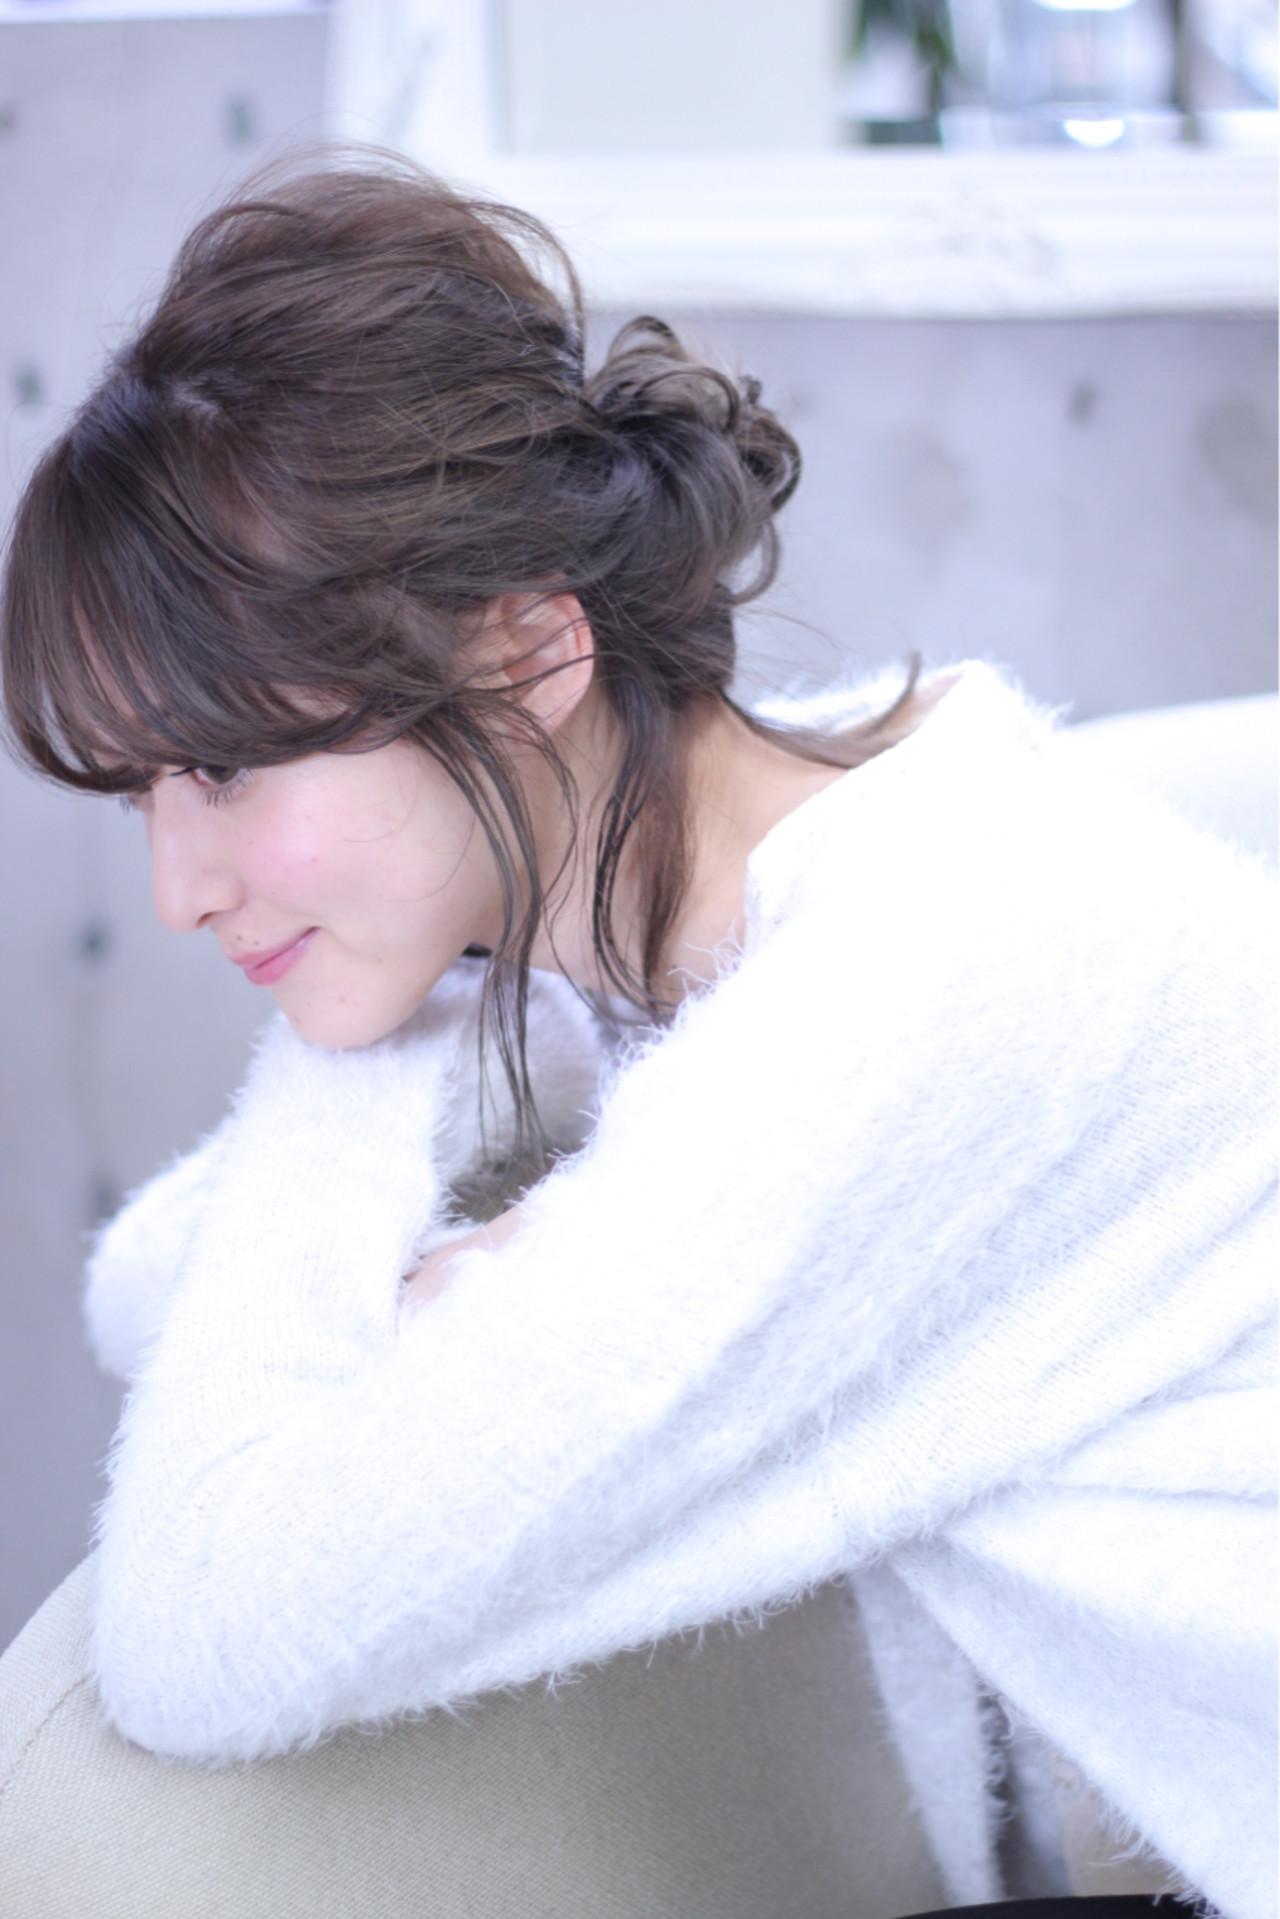 セミロングは、まとめ髪でバージョンアップ!マンネリにならないまとめ髪特集 Wataru Maeda